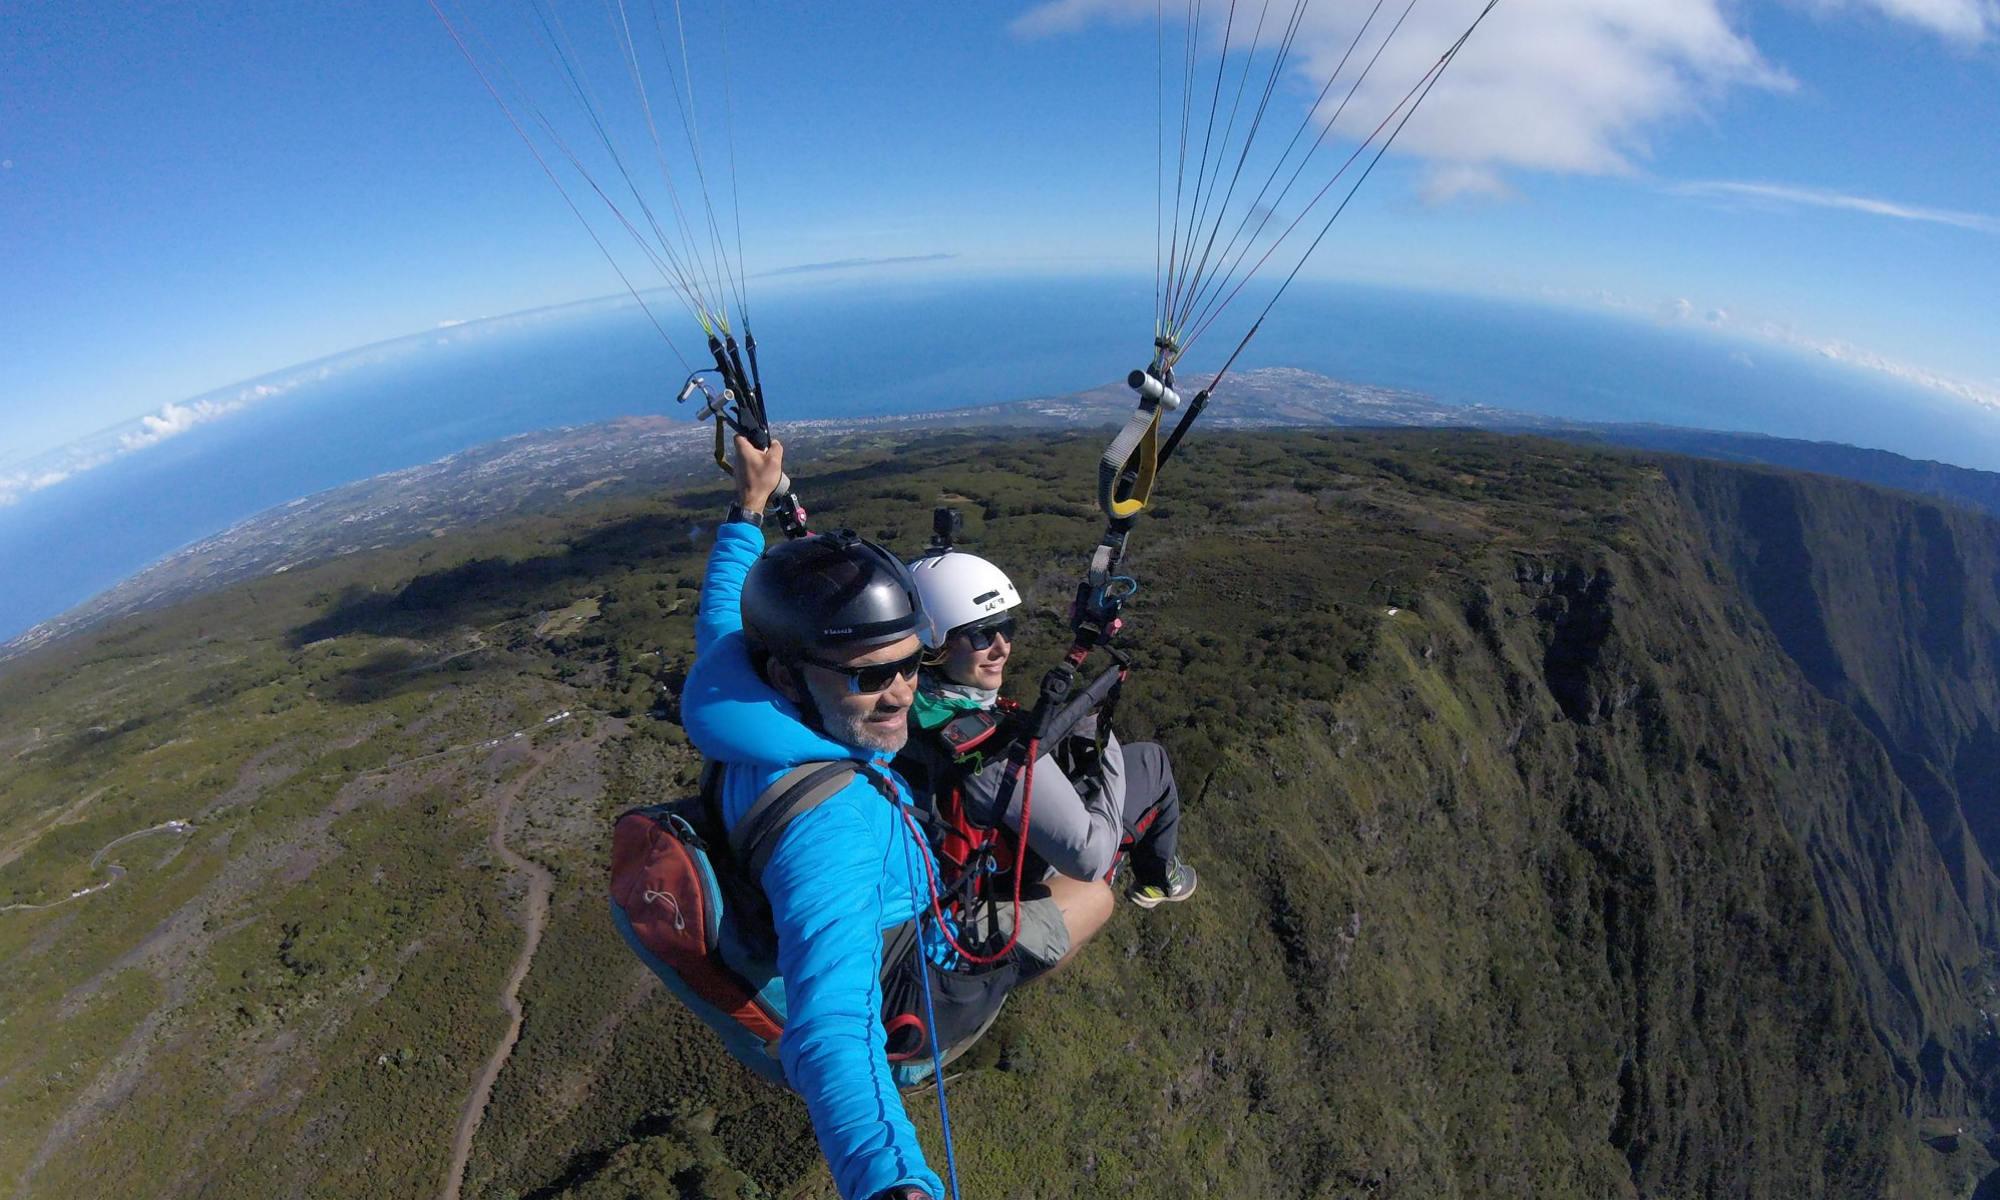 Vol en parapente à La Réunion au-dessus du cirque de Mafate.